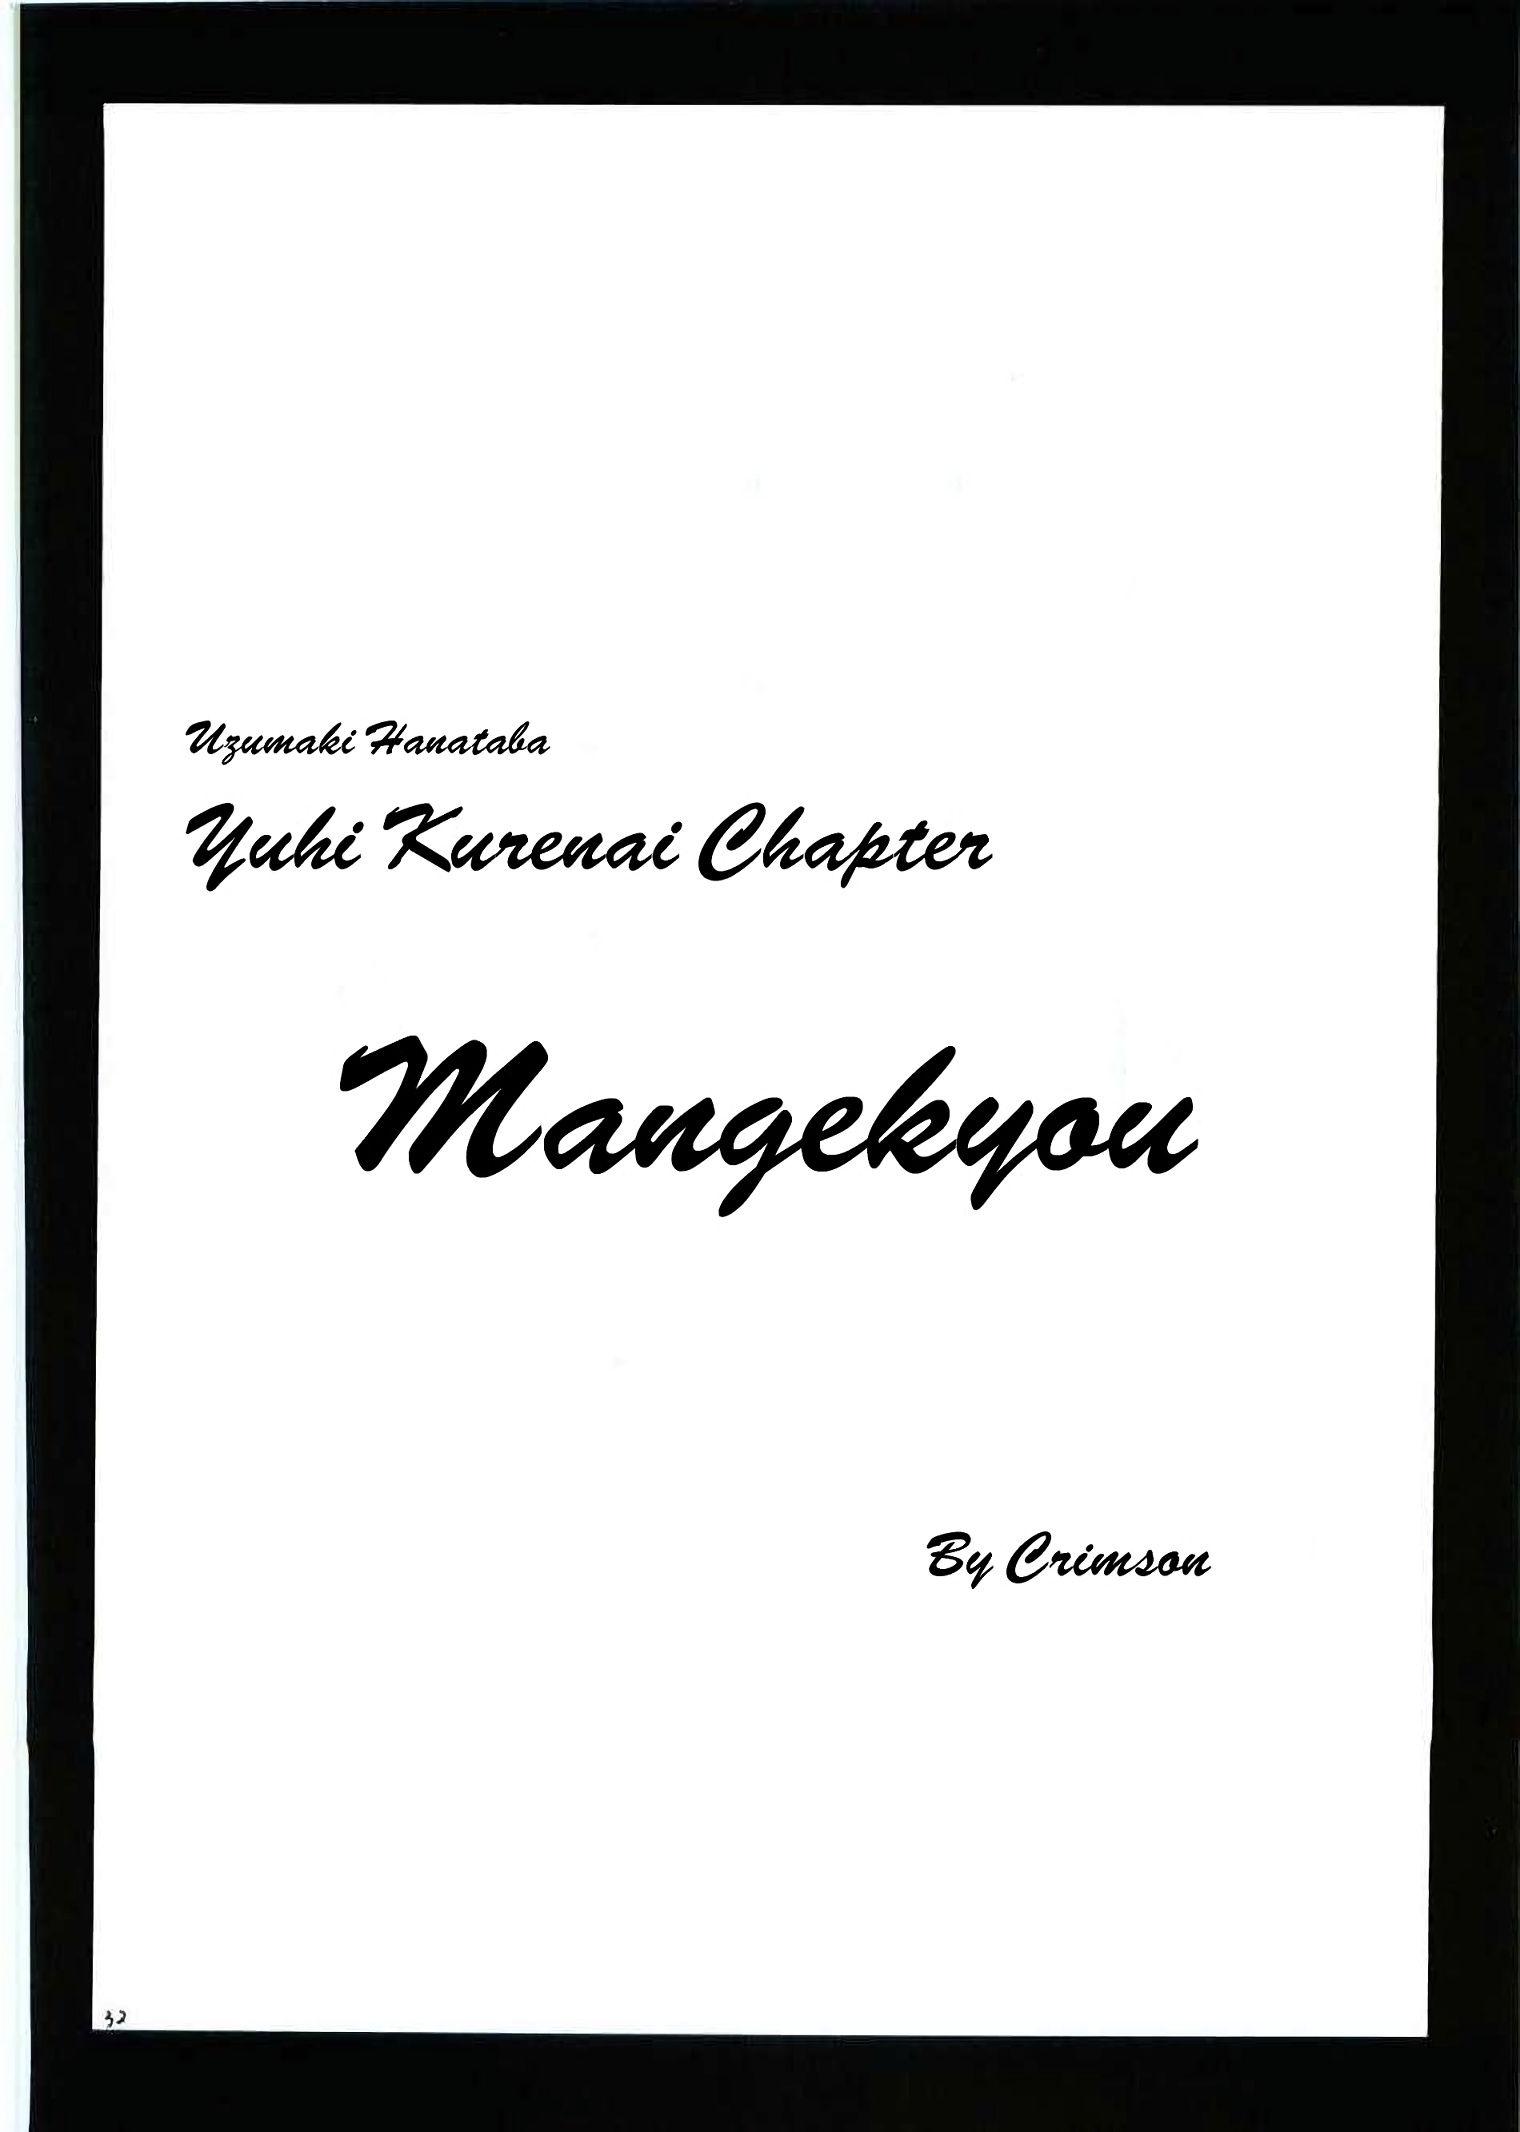 Uzumaki hanataba hentai manga picture 30